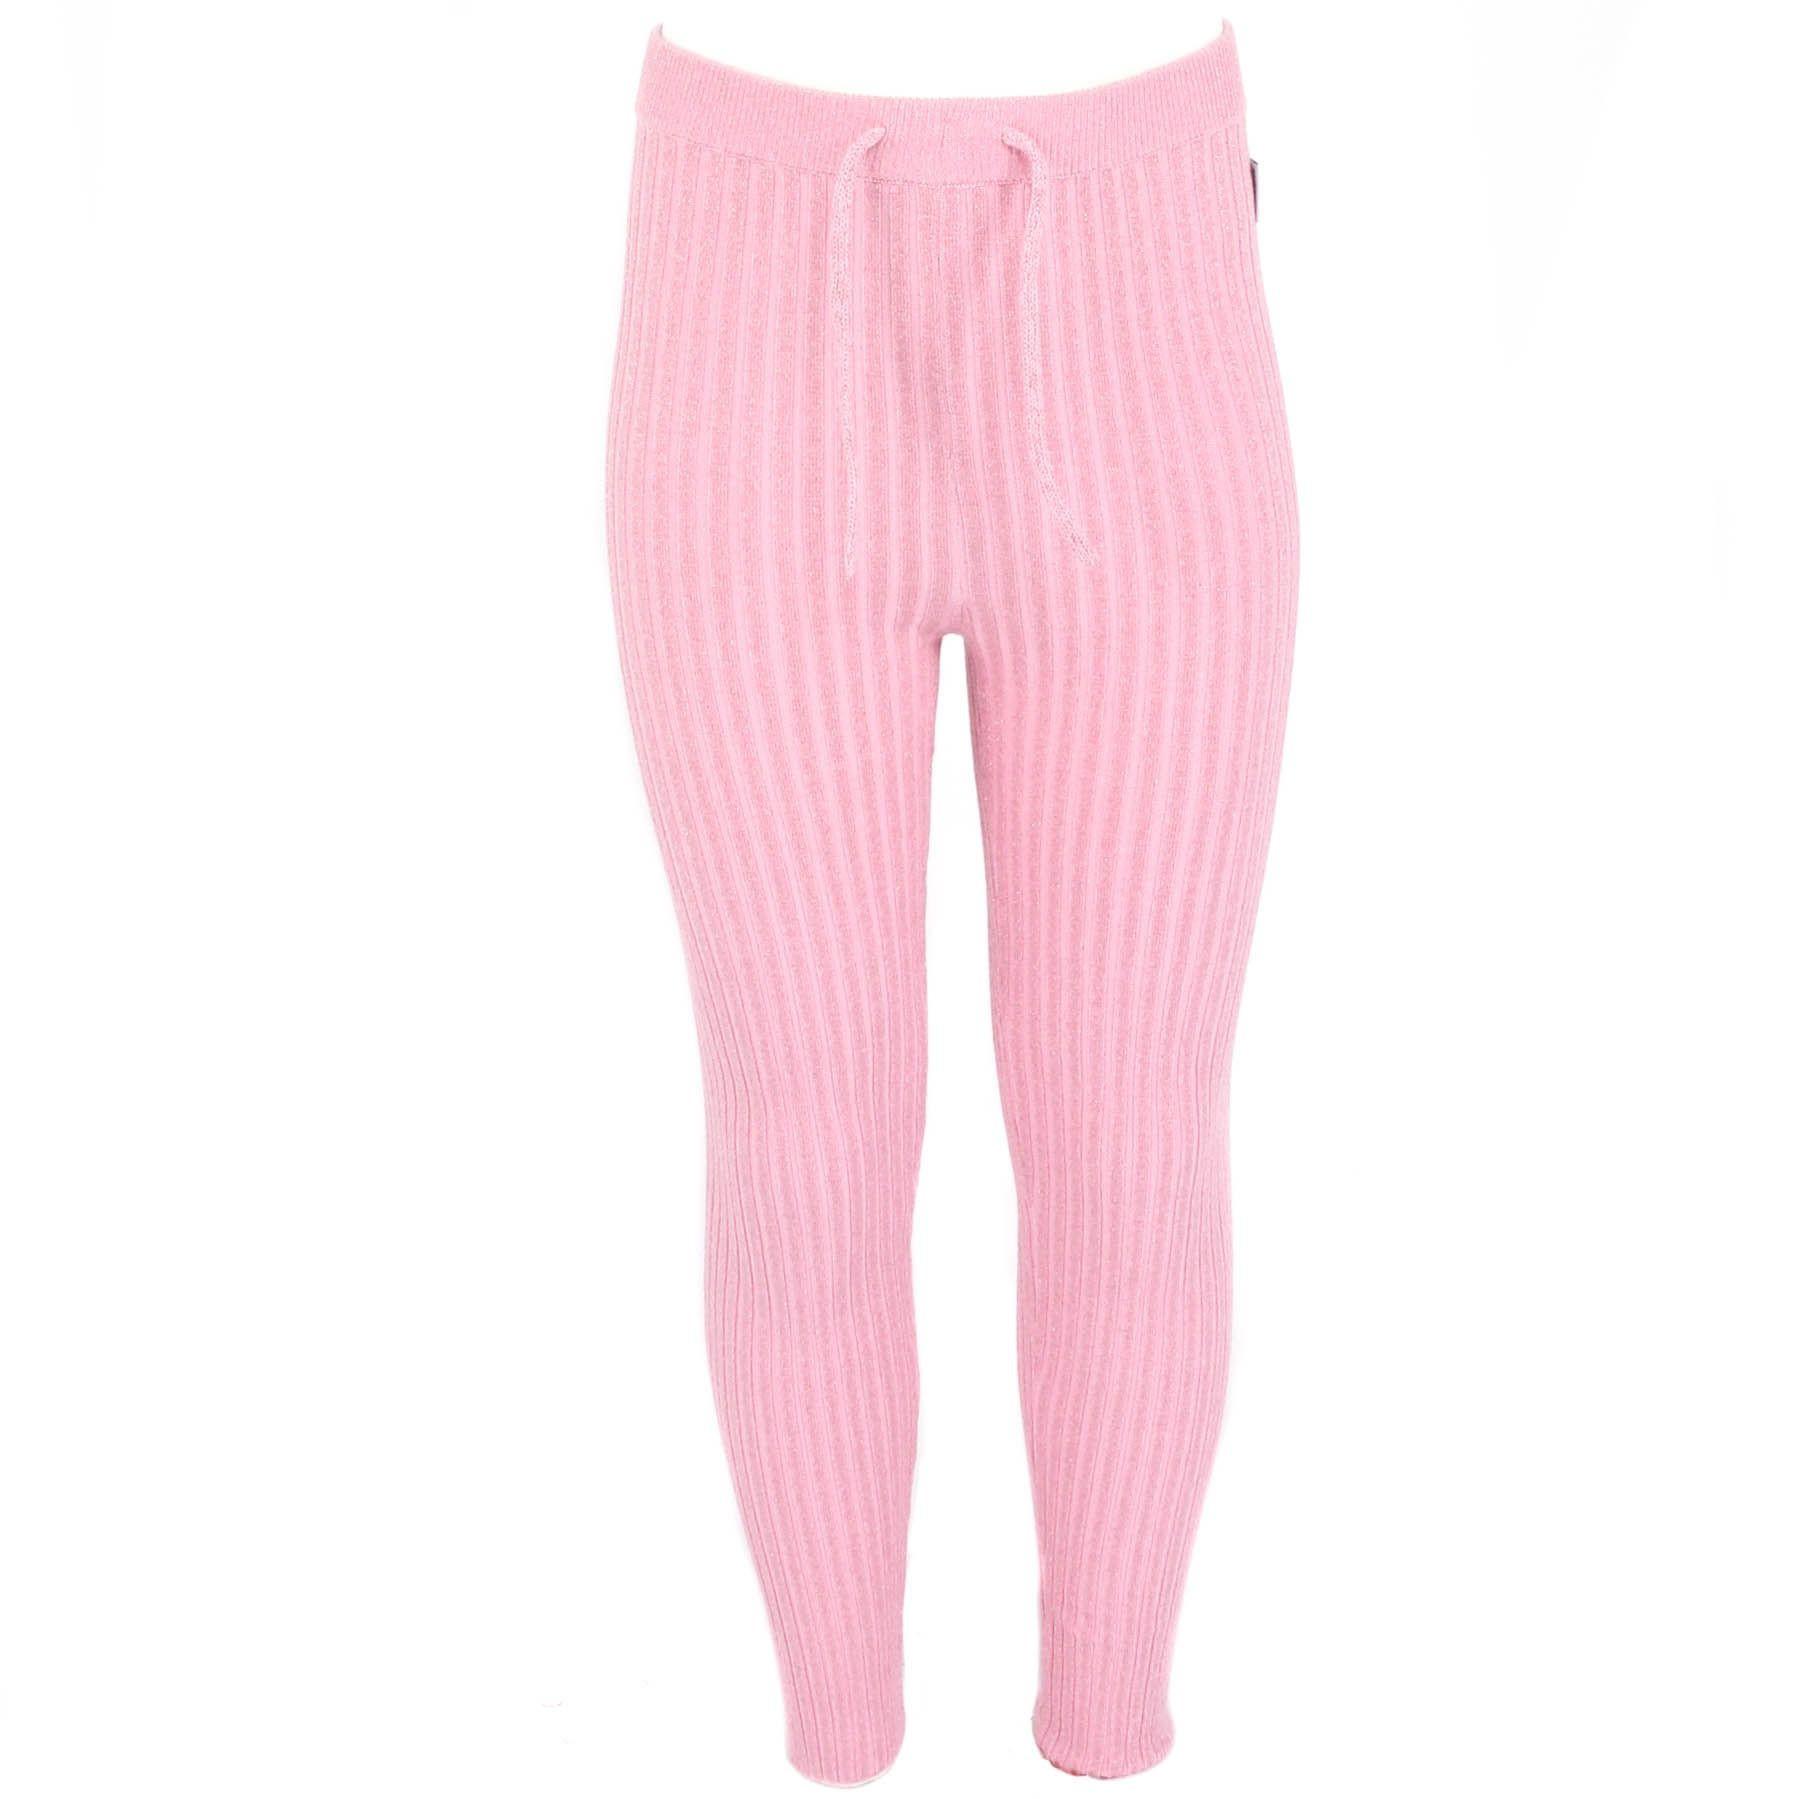 Afbeelding van Reinders Twin set pants lurex roze